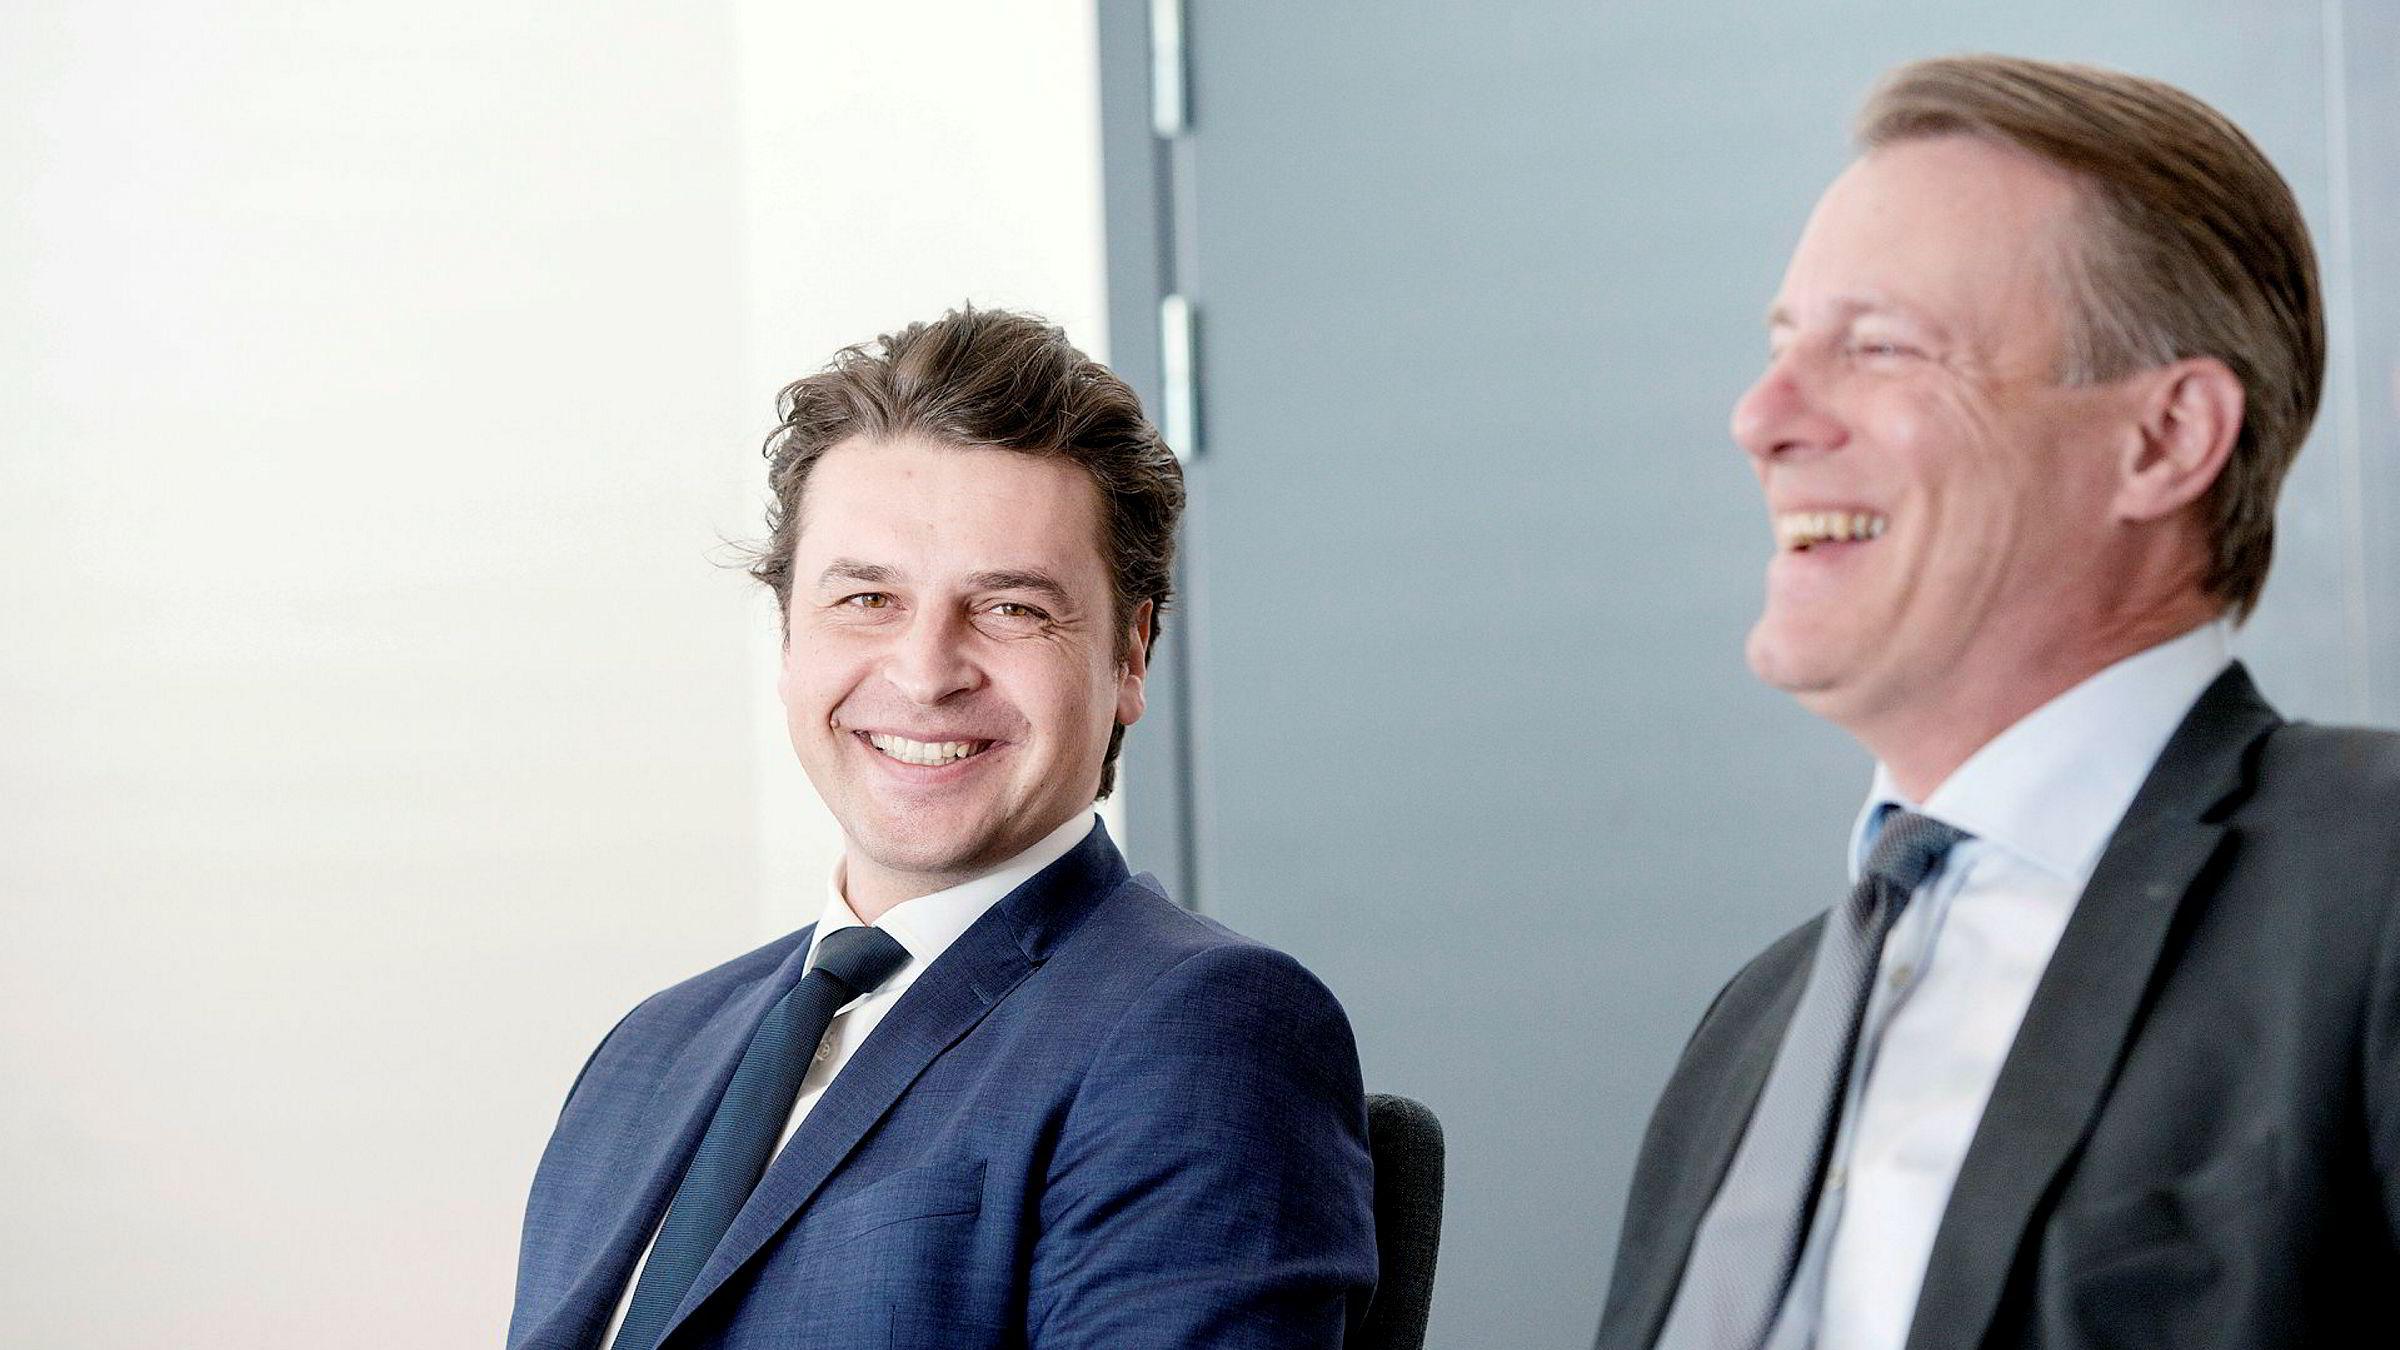 – Vi har investeringskapasitet på over ti milliarder kroner uten å måtte selge noe. Så vi kan i teorien gjøre noen veldig store enkeltinvesteringer, sier Ferds konsernsjef Morten Borge (til venstre). Investeringsselskapet eies av Johan H. Andresen (til høyre) og hans to døtre.